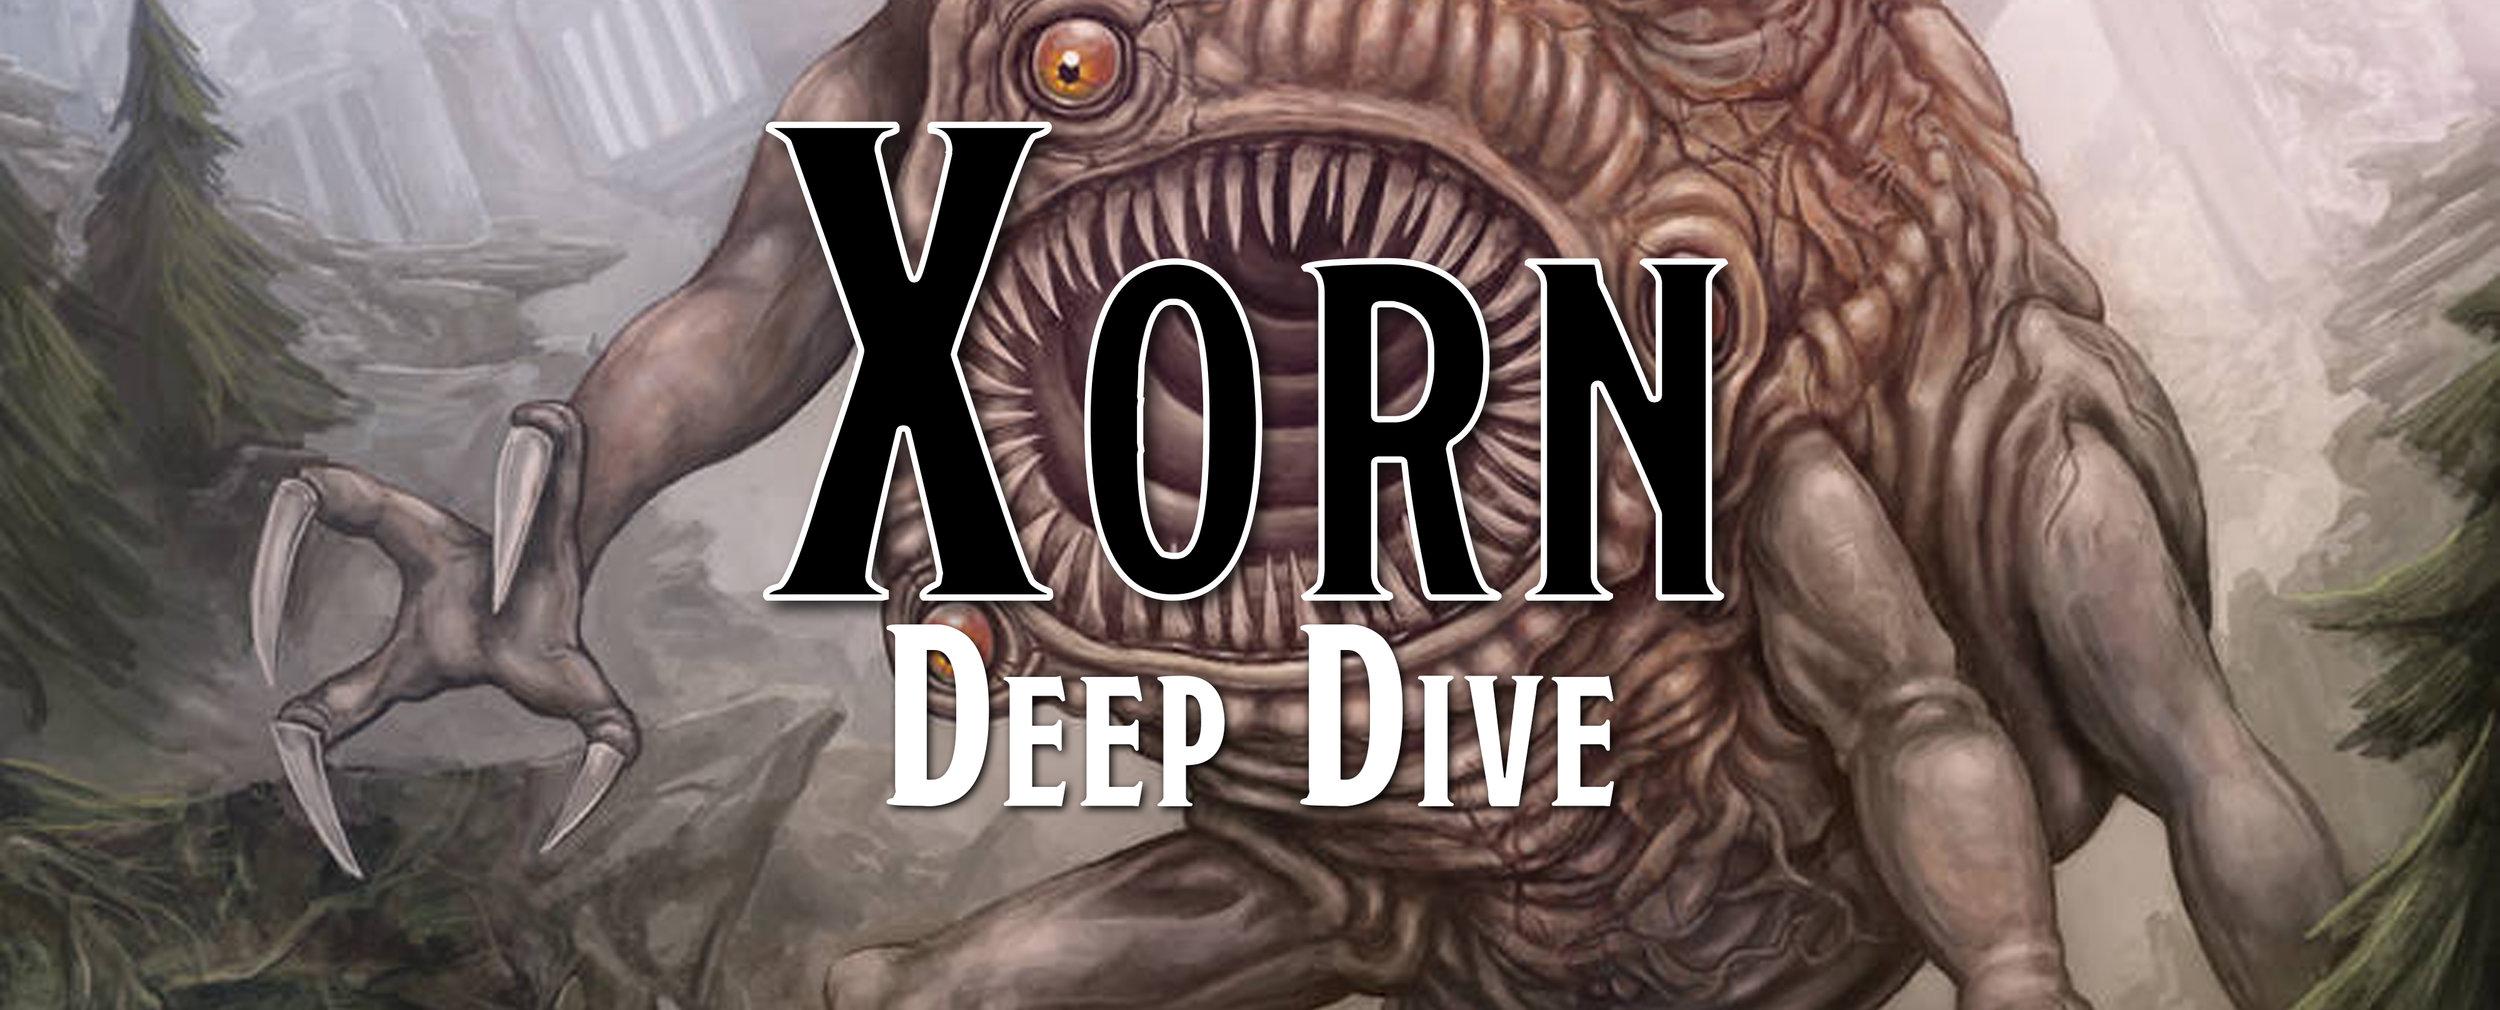 Deep Dive - The Mimic — Dump Stat Adventures